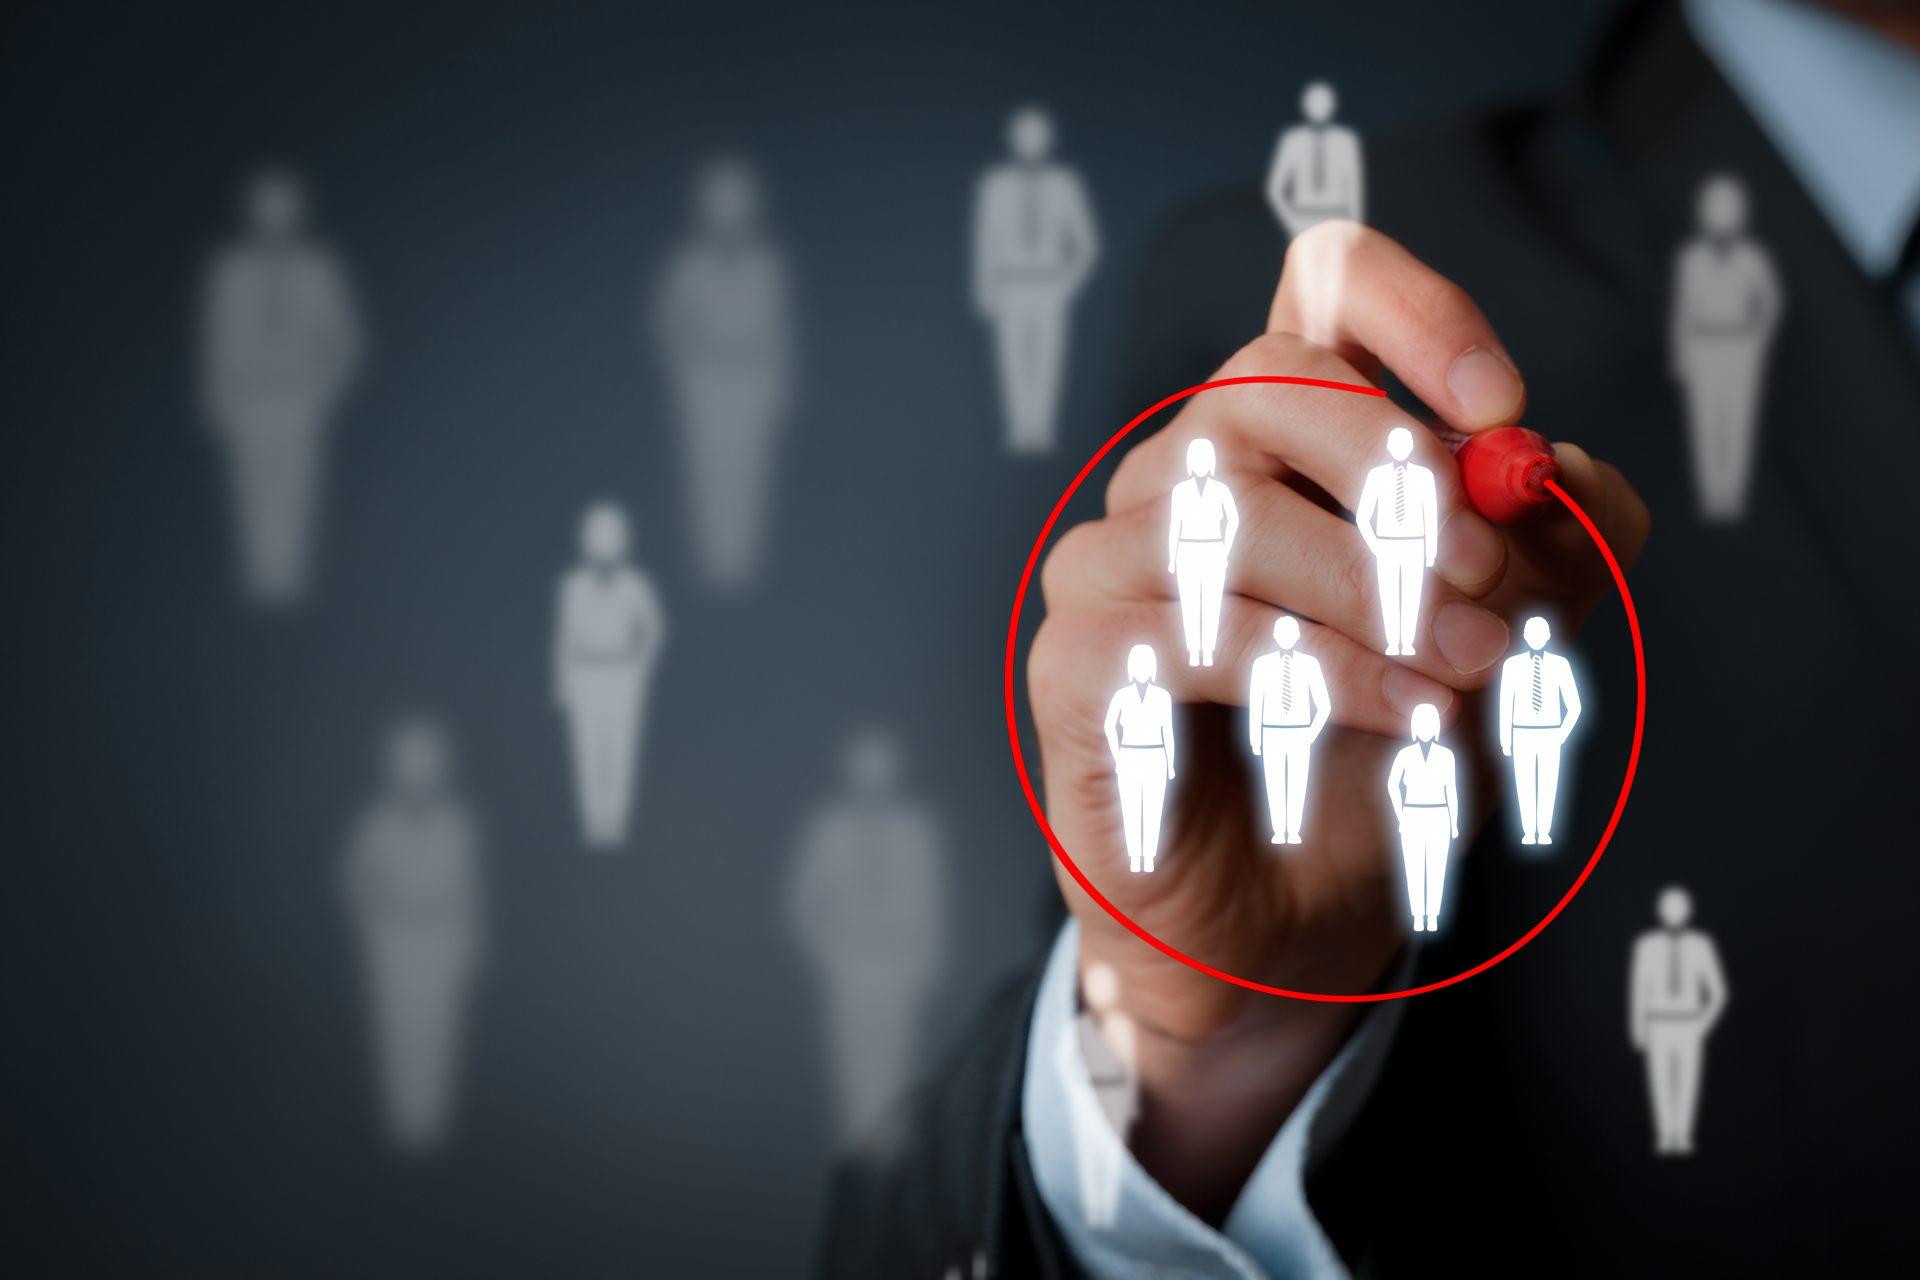 ده مشتری بعدی خود را شناسایی کنید